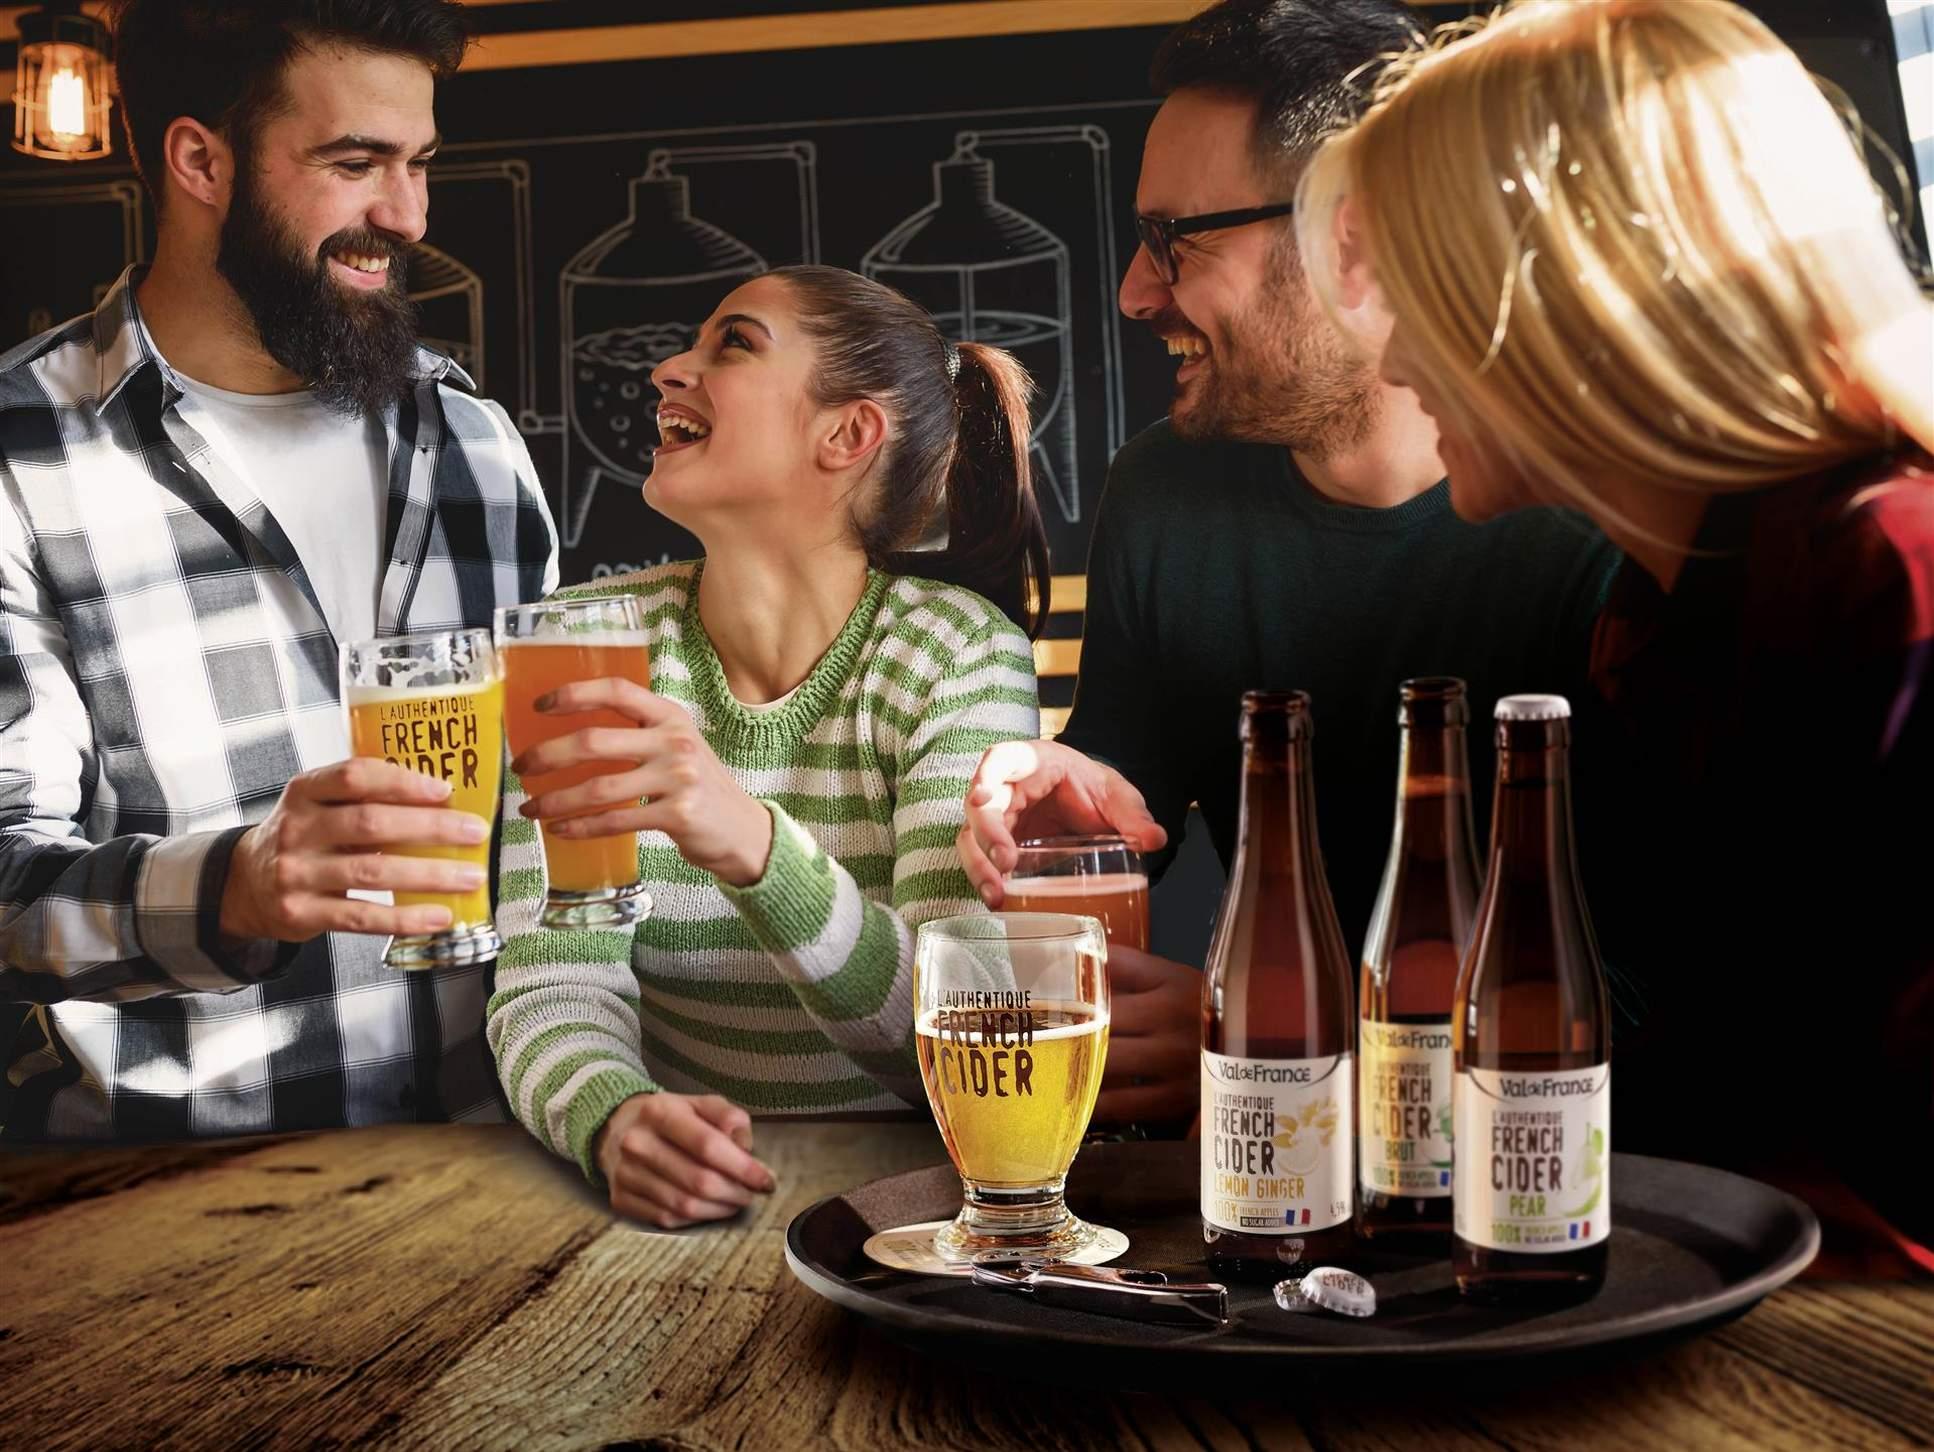 vier junge Leute beim tasting